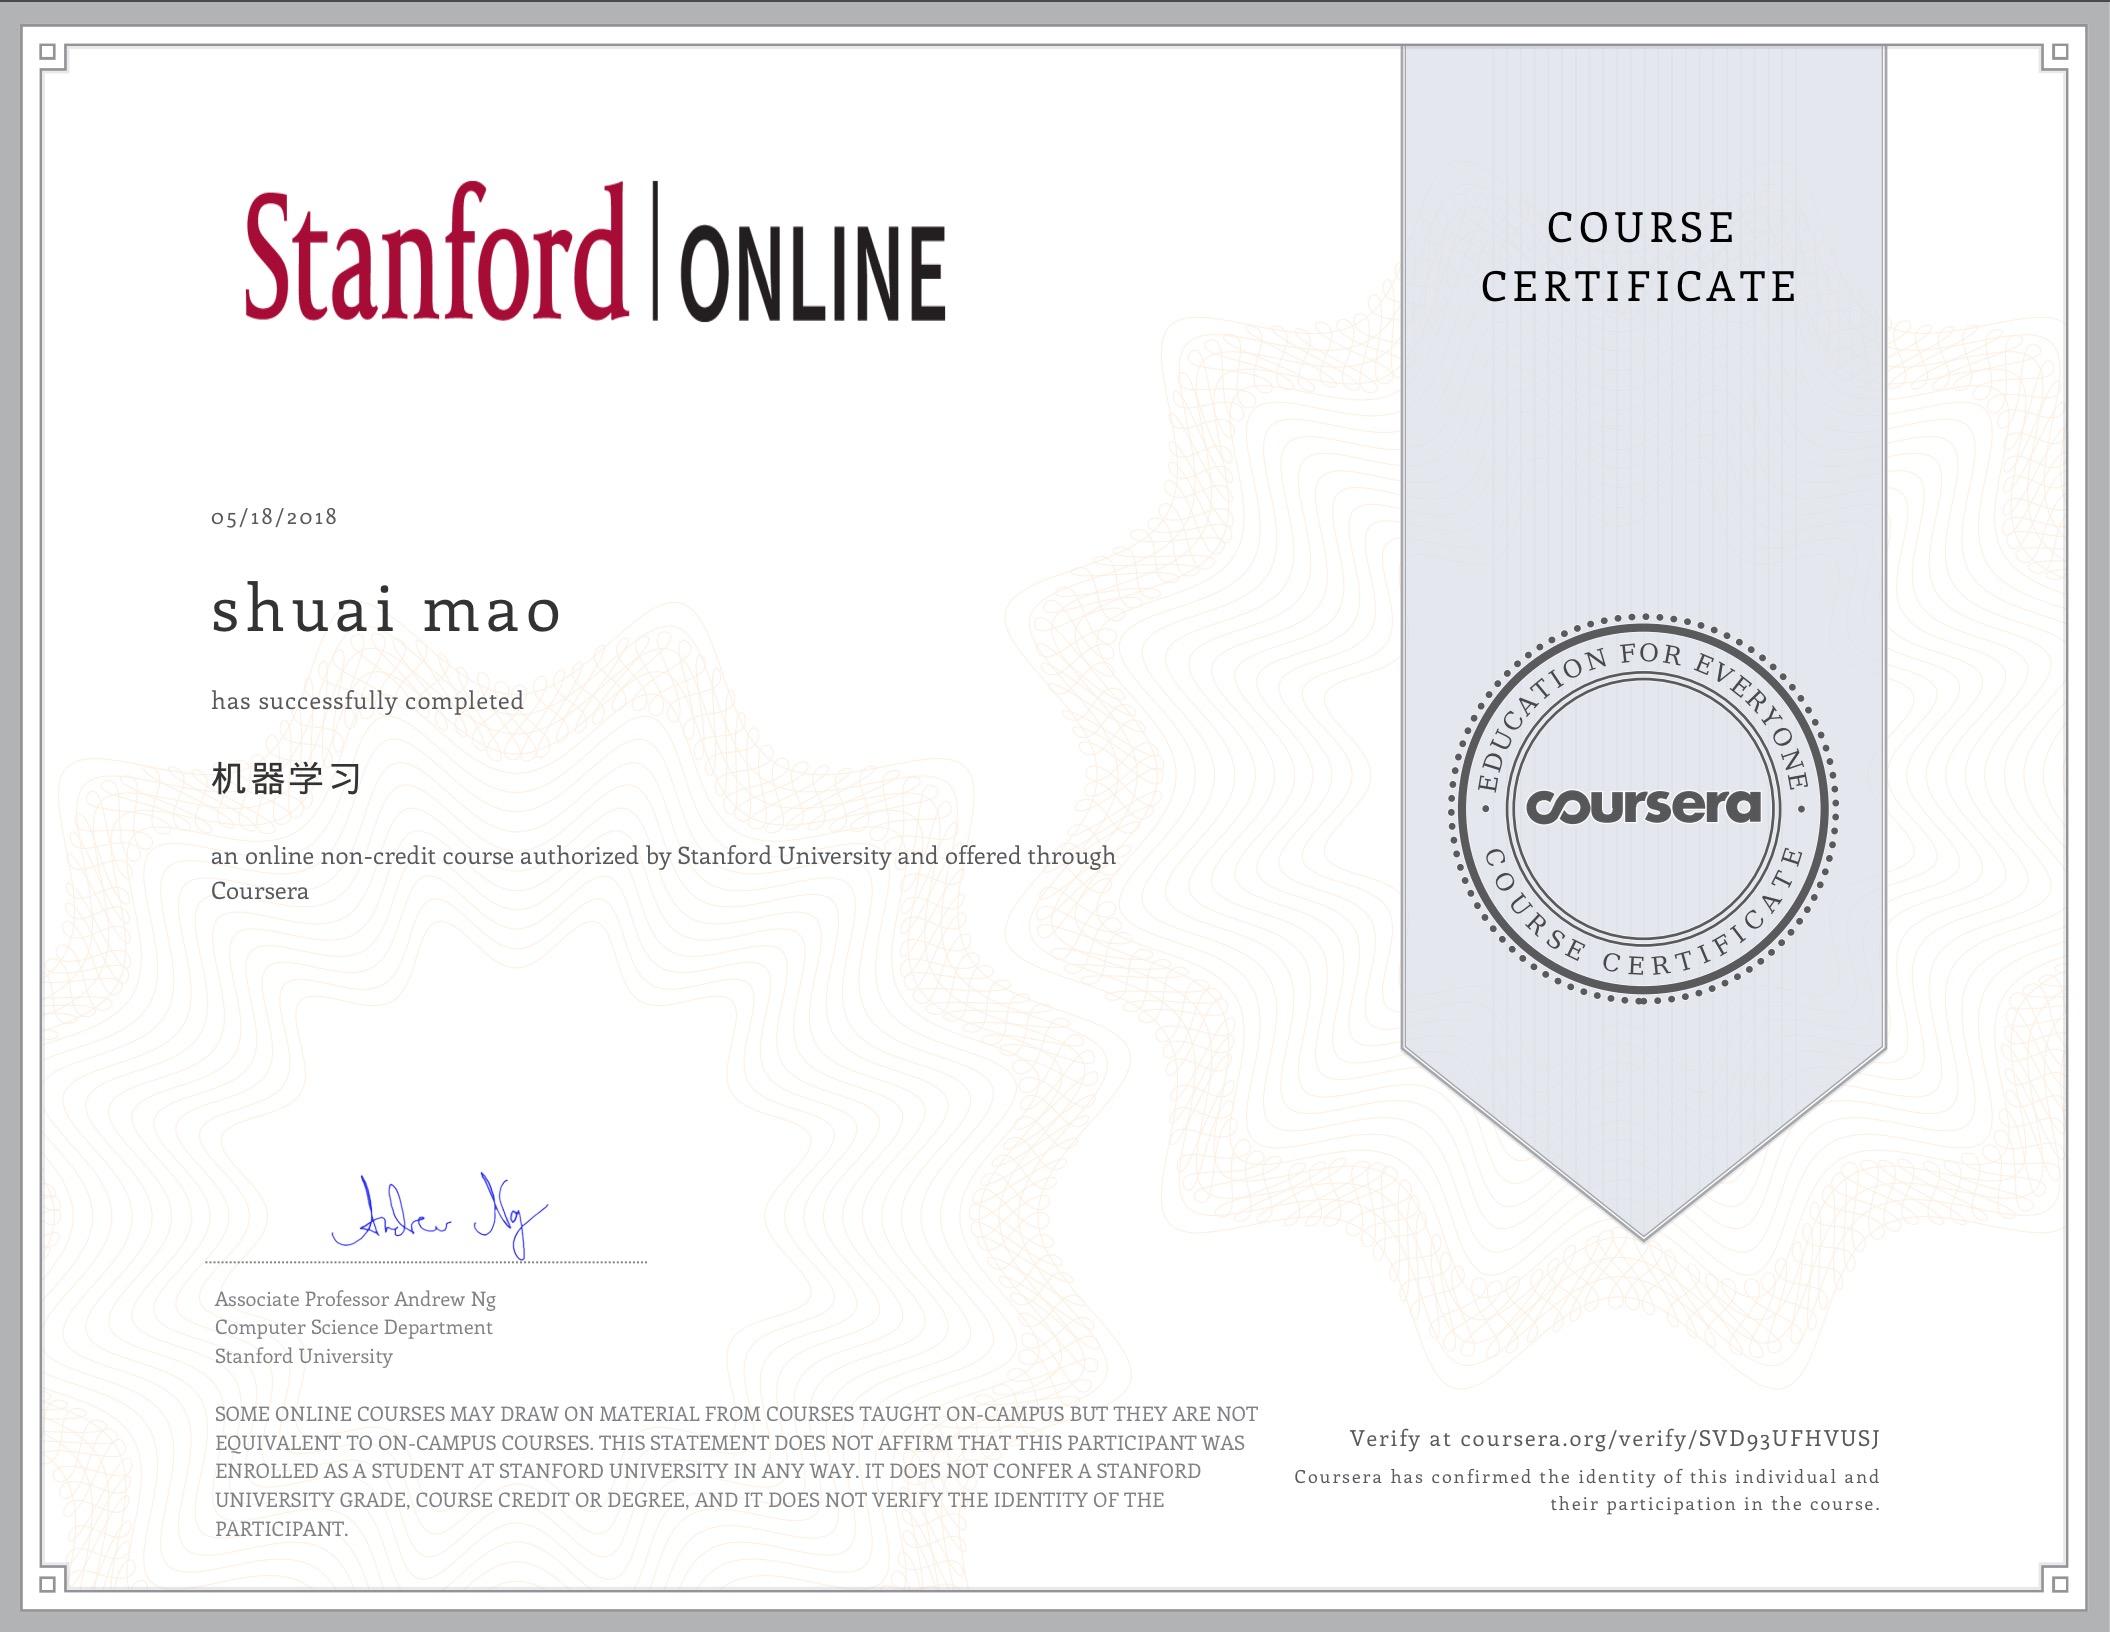 coursera-certificate